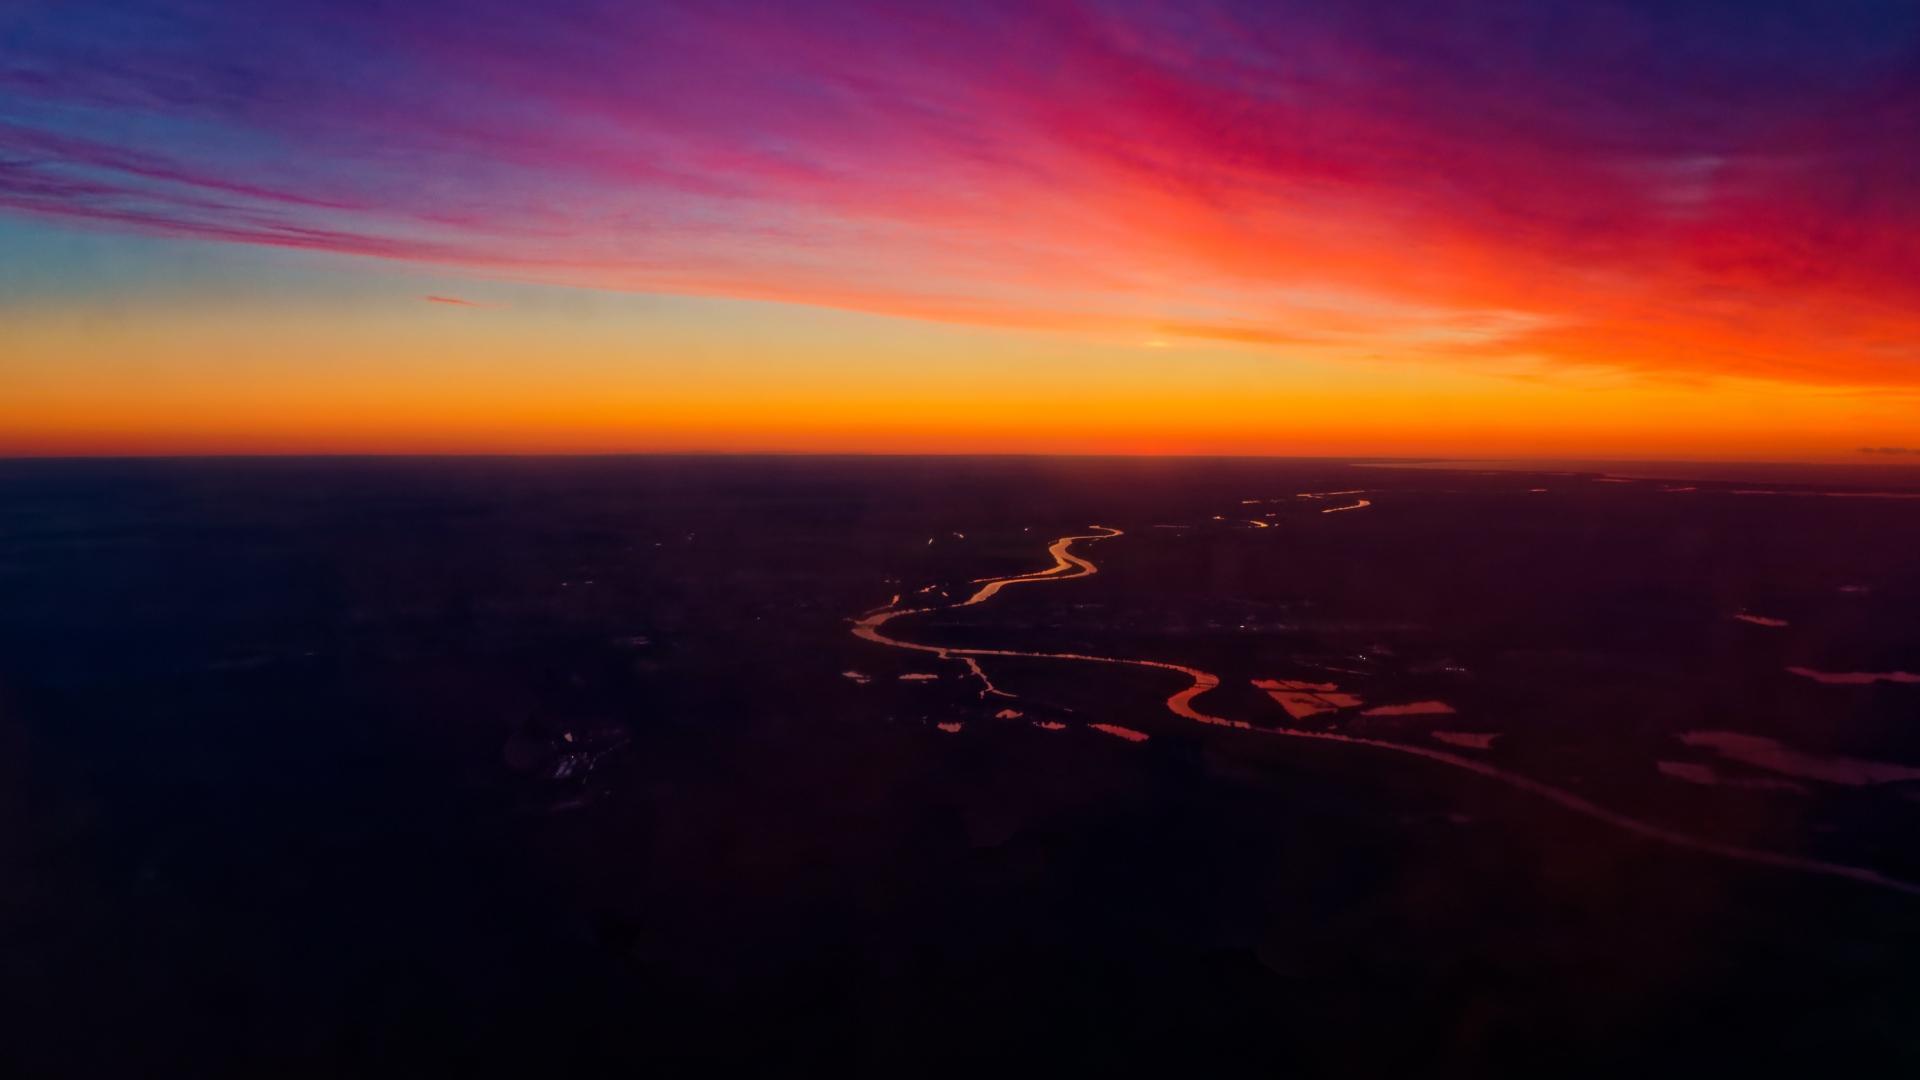 唯美的夕阳西下风景摄影图片壁纸